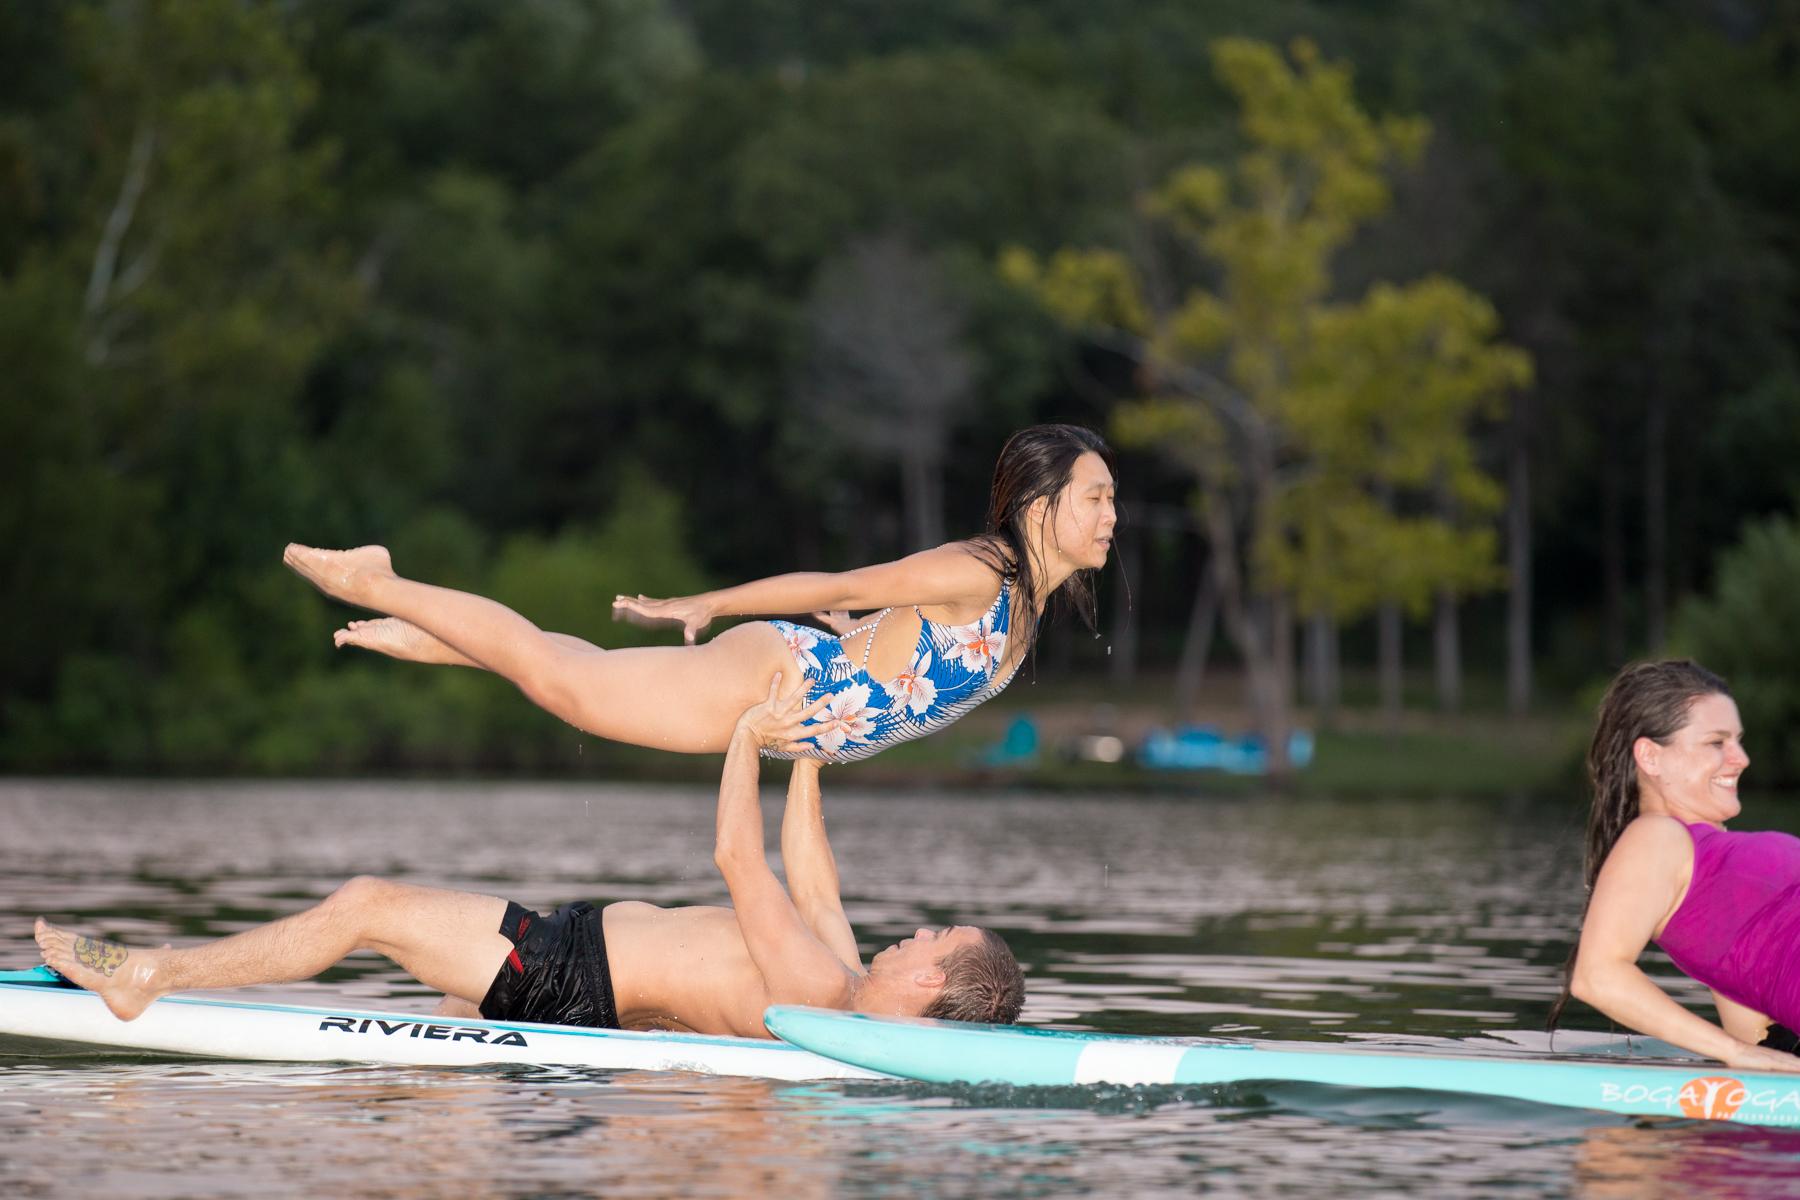 Partner Paddleboard Yoga